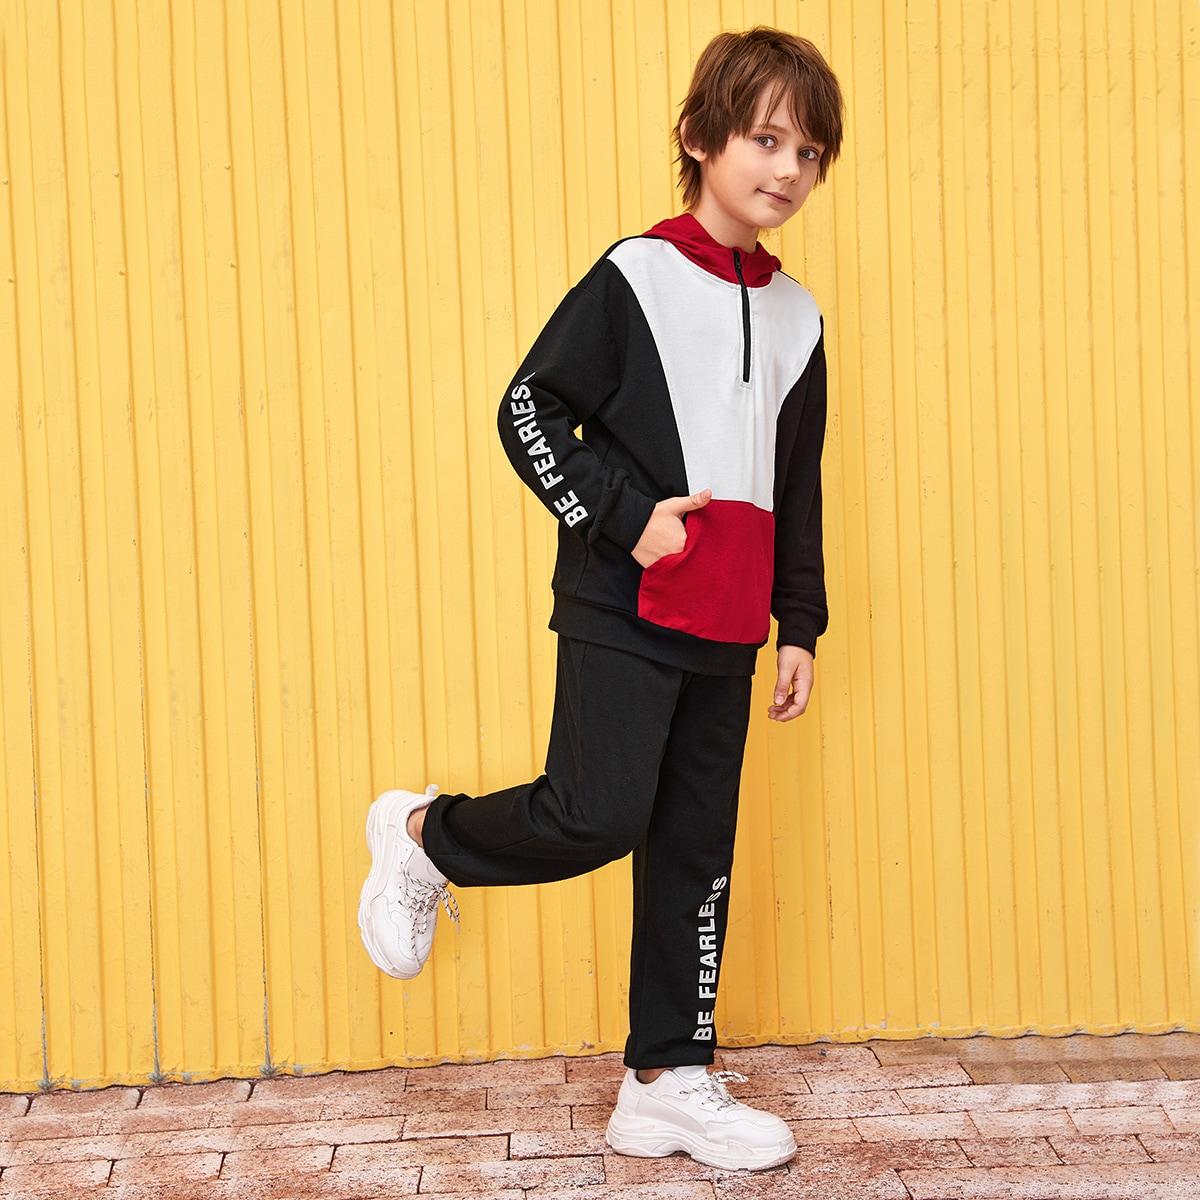 Zwart Sporten Slogan Tweedelige jongens outfits Zak